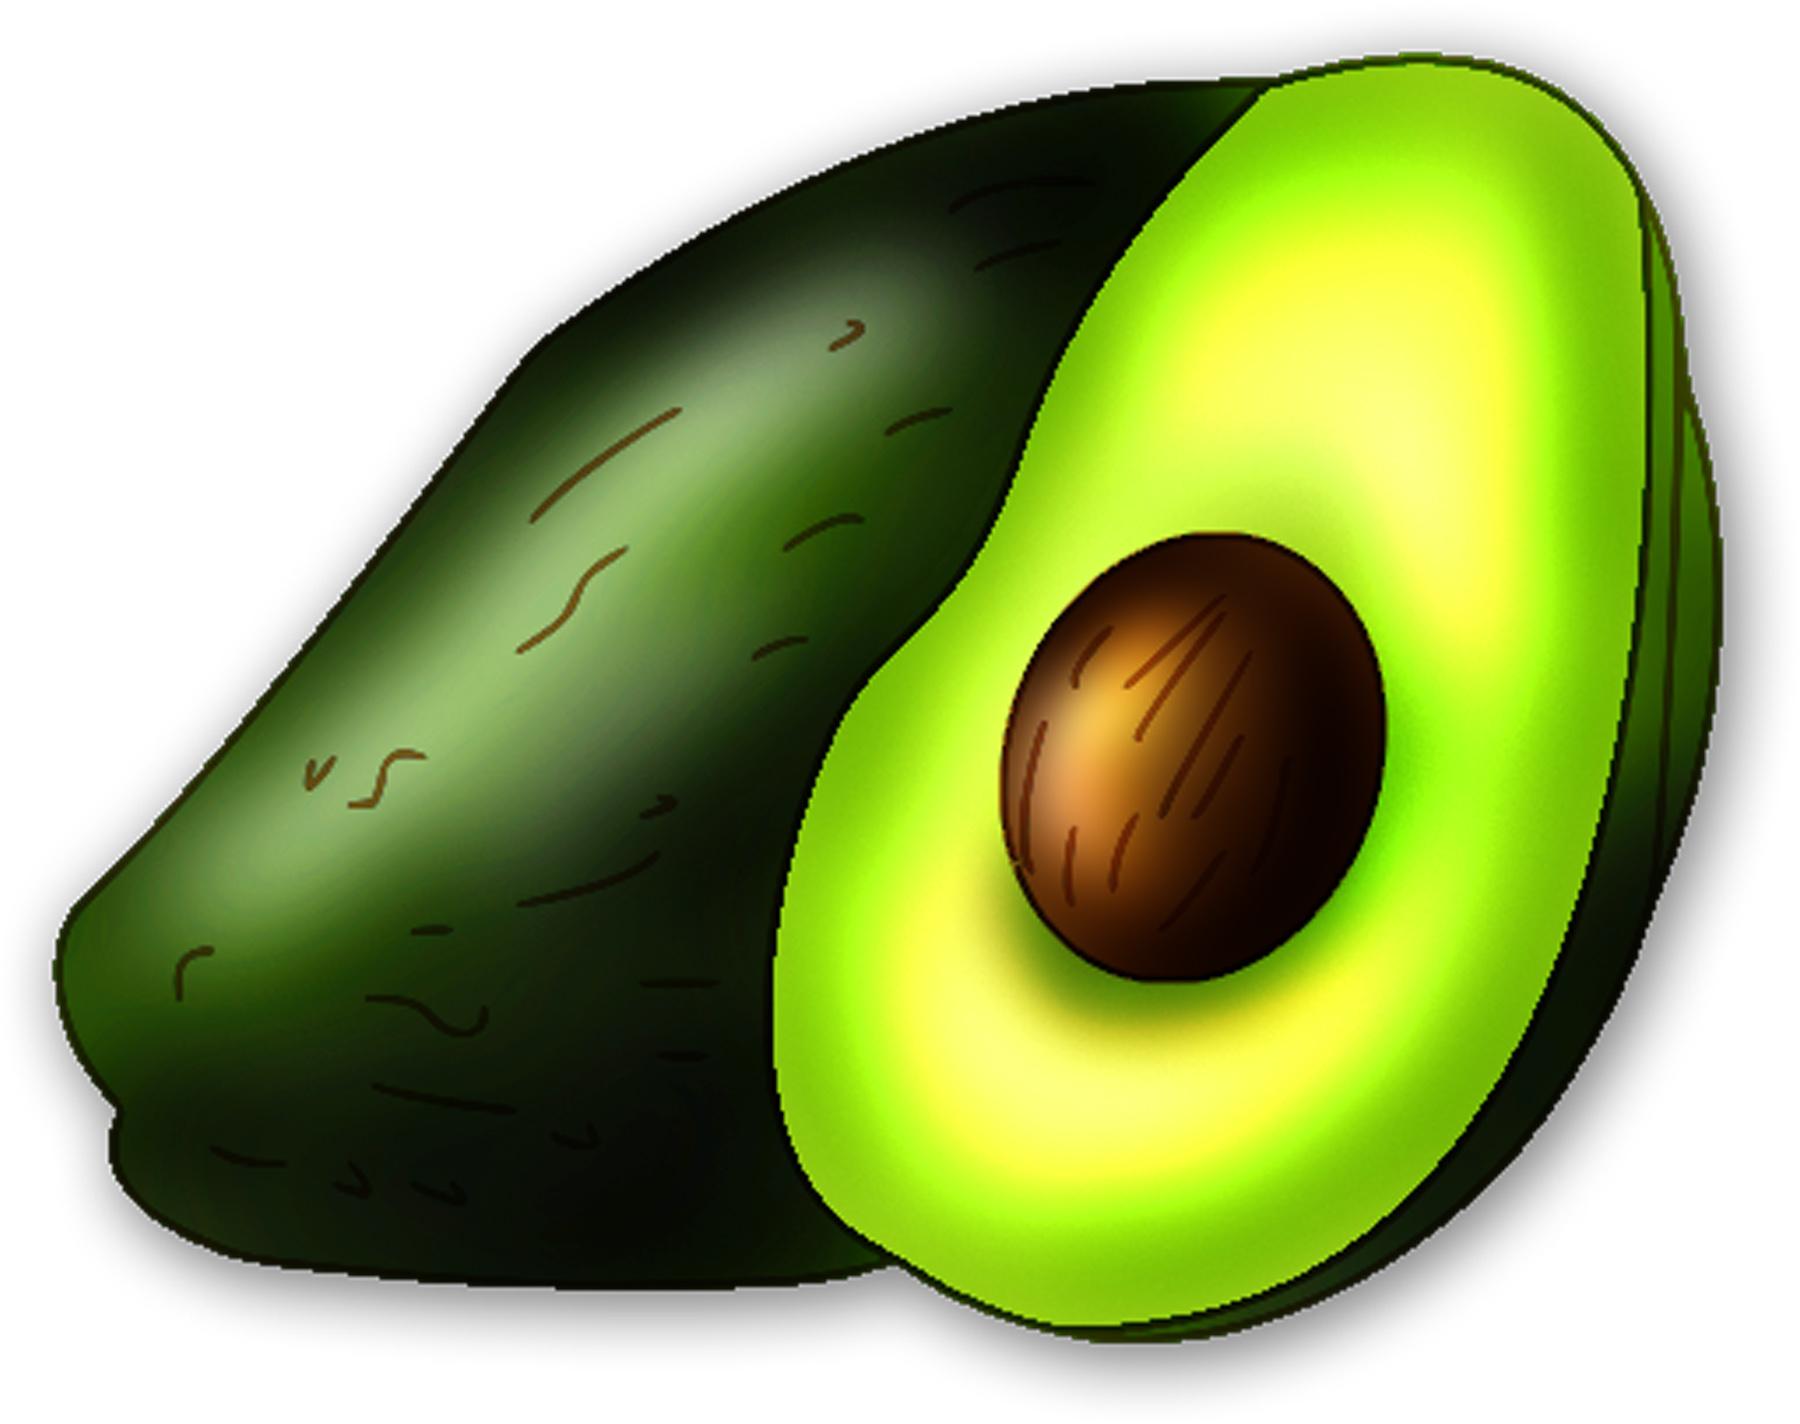 Avocado clipart avacodo. Px image